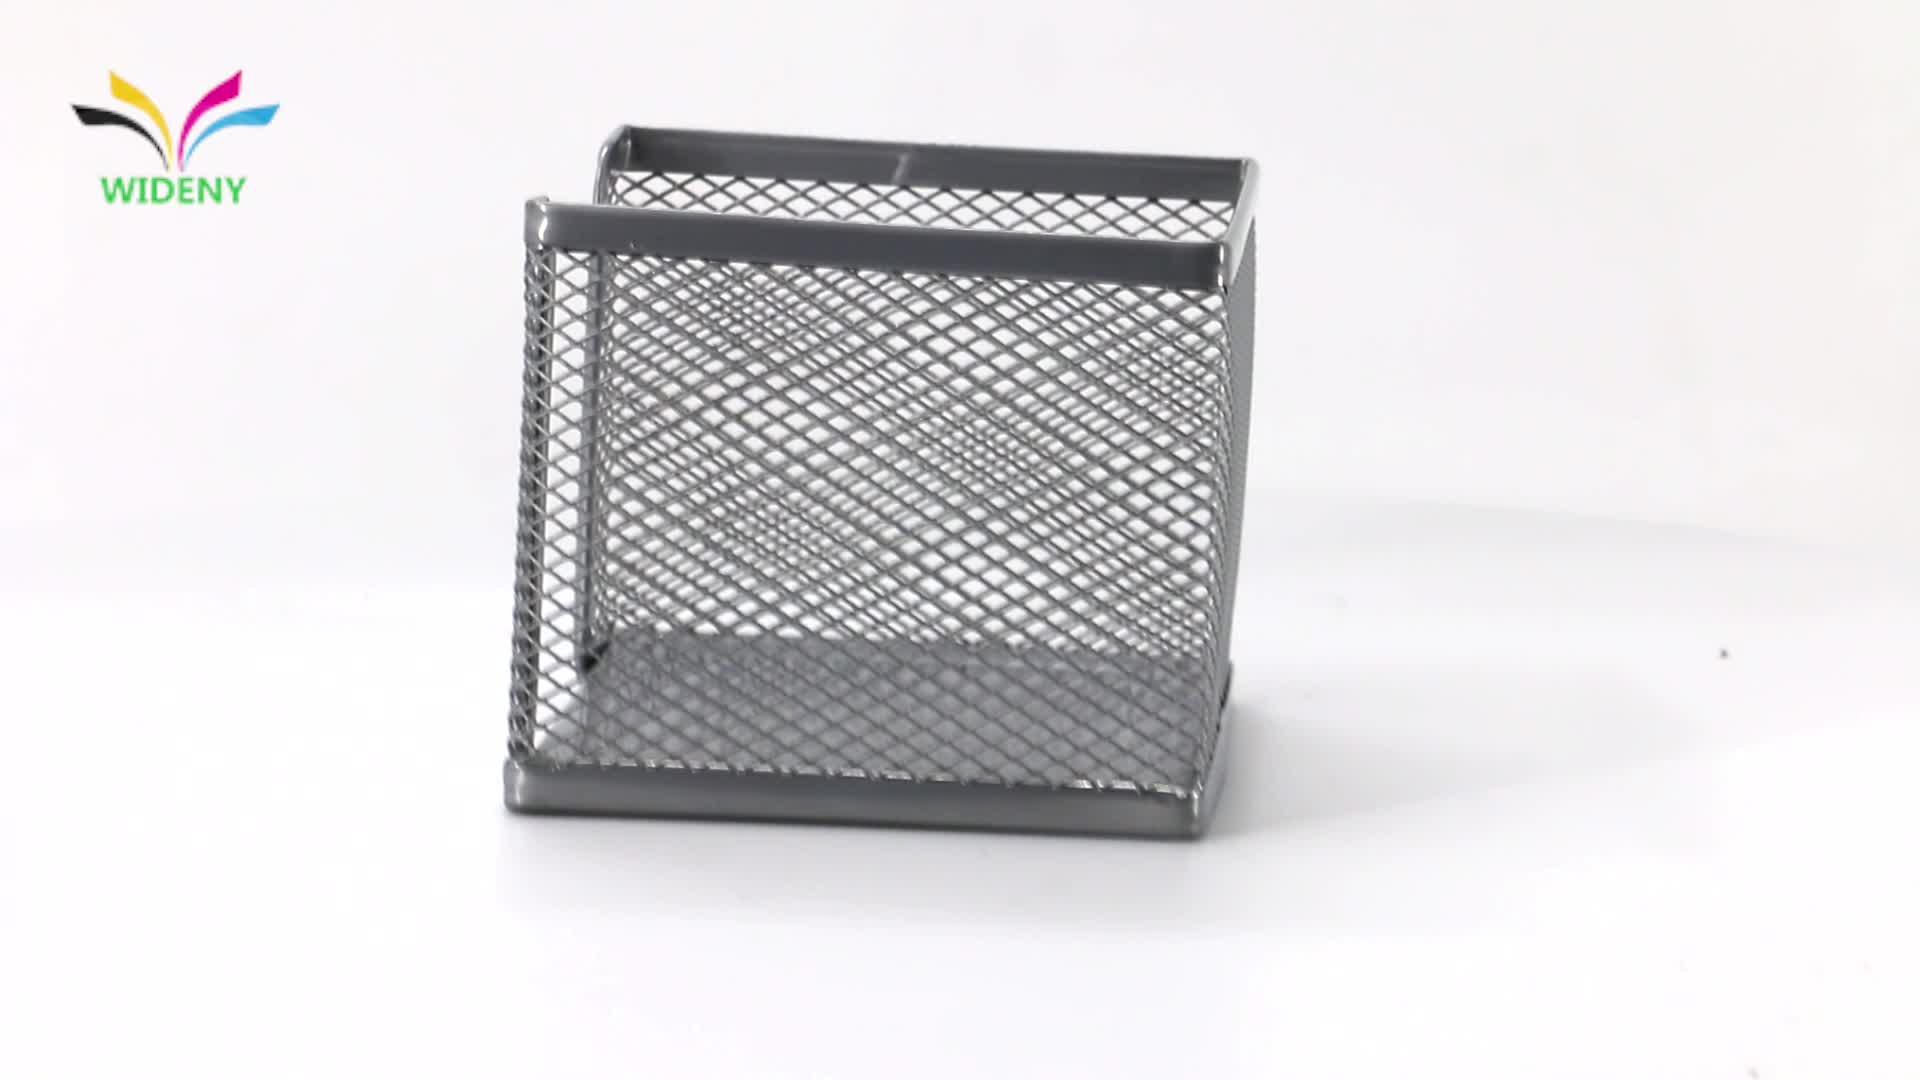 Wideny Kantoor school briefpapier desktop bureau metalen ijzer staaldraad mesh gepoedercoat opmerking memo houder